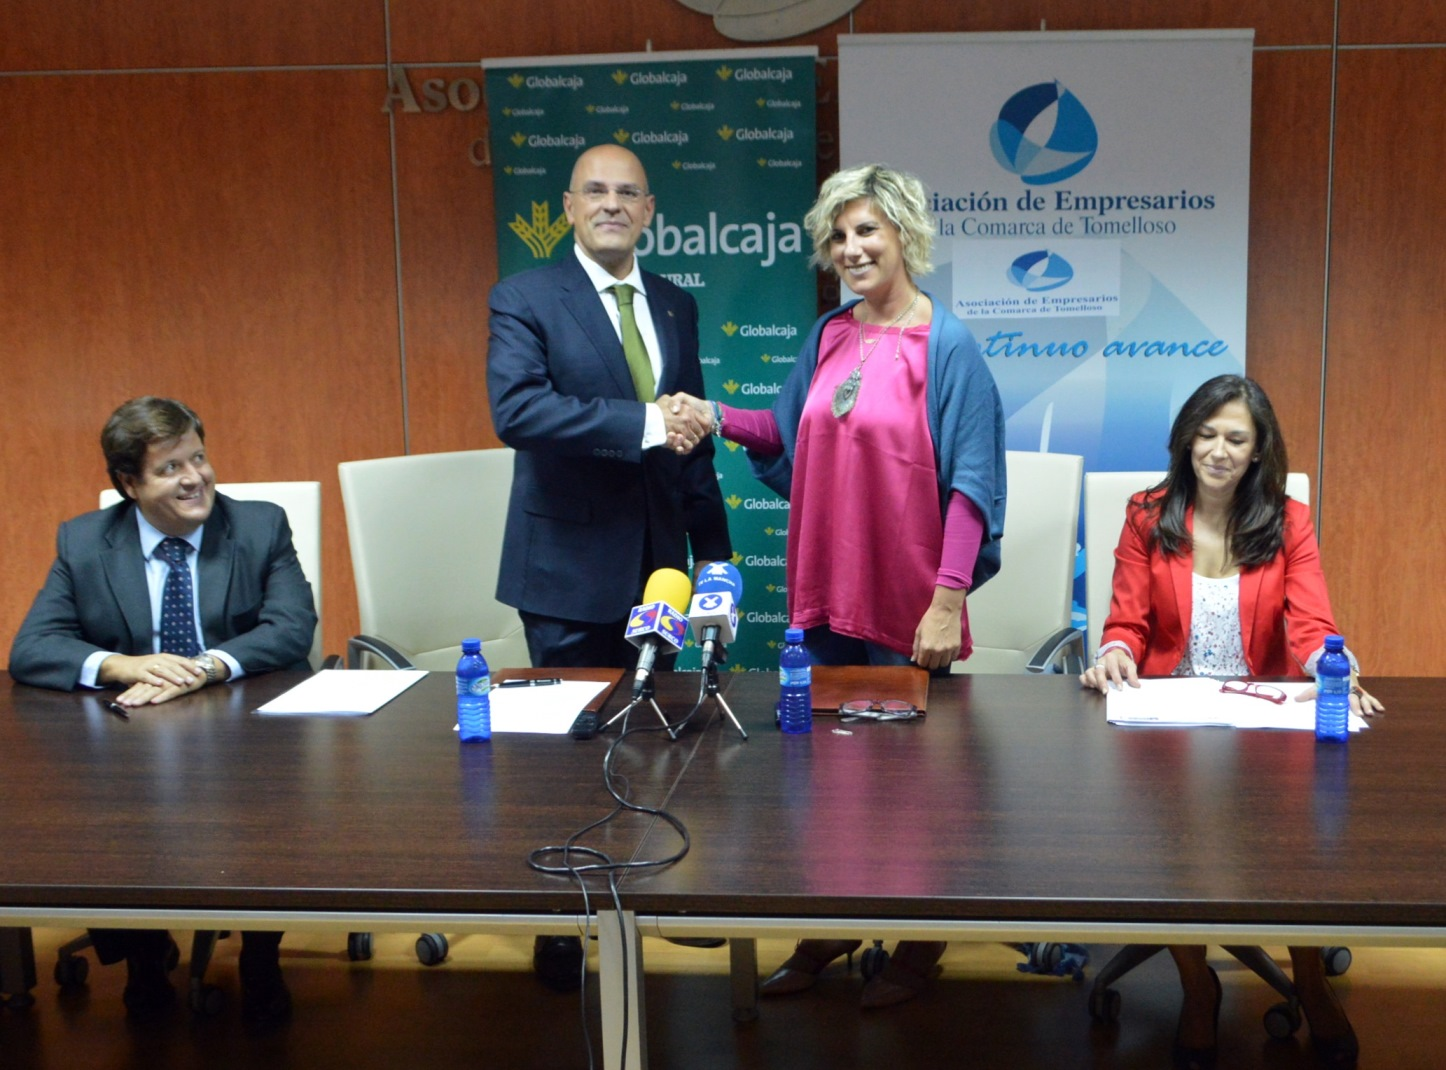 La Asociación de Empresarios de la Comarca de Tomelloso y Globalcaja firman un beneficioso acuerdo de colaboración